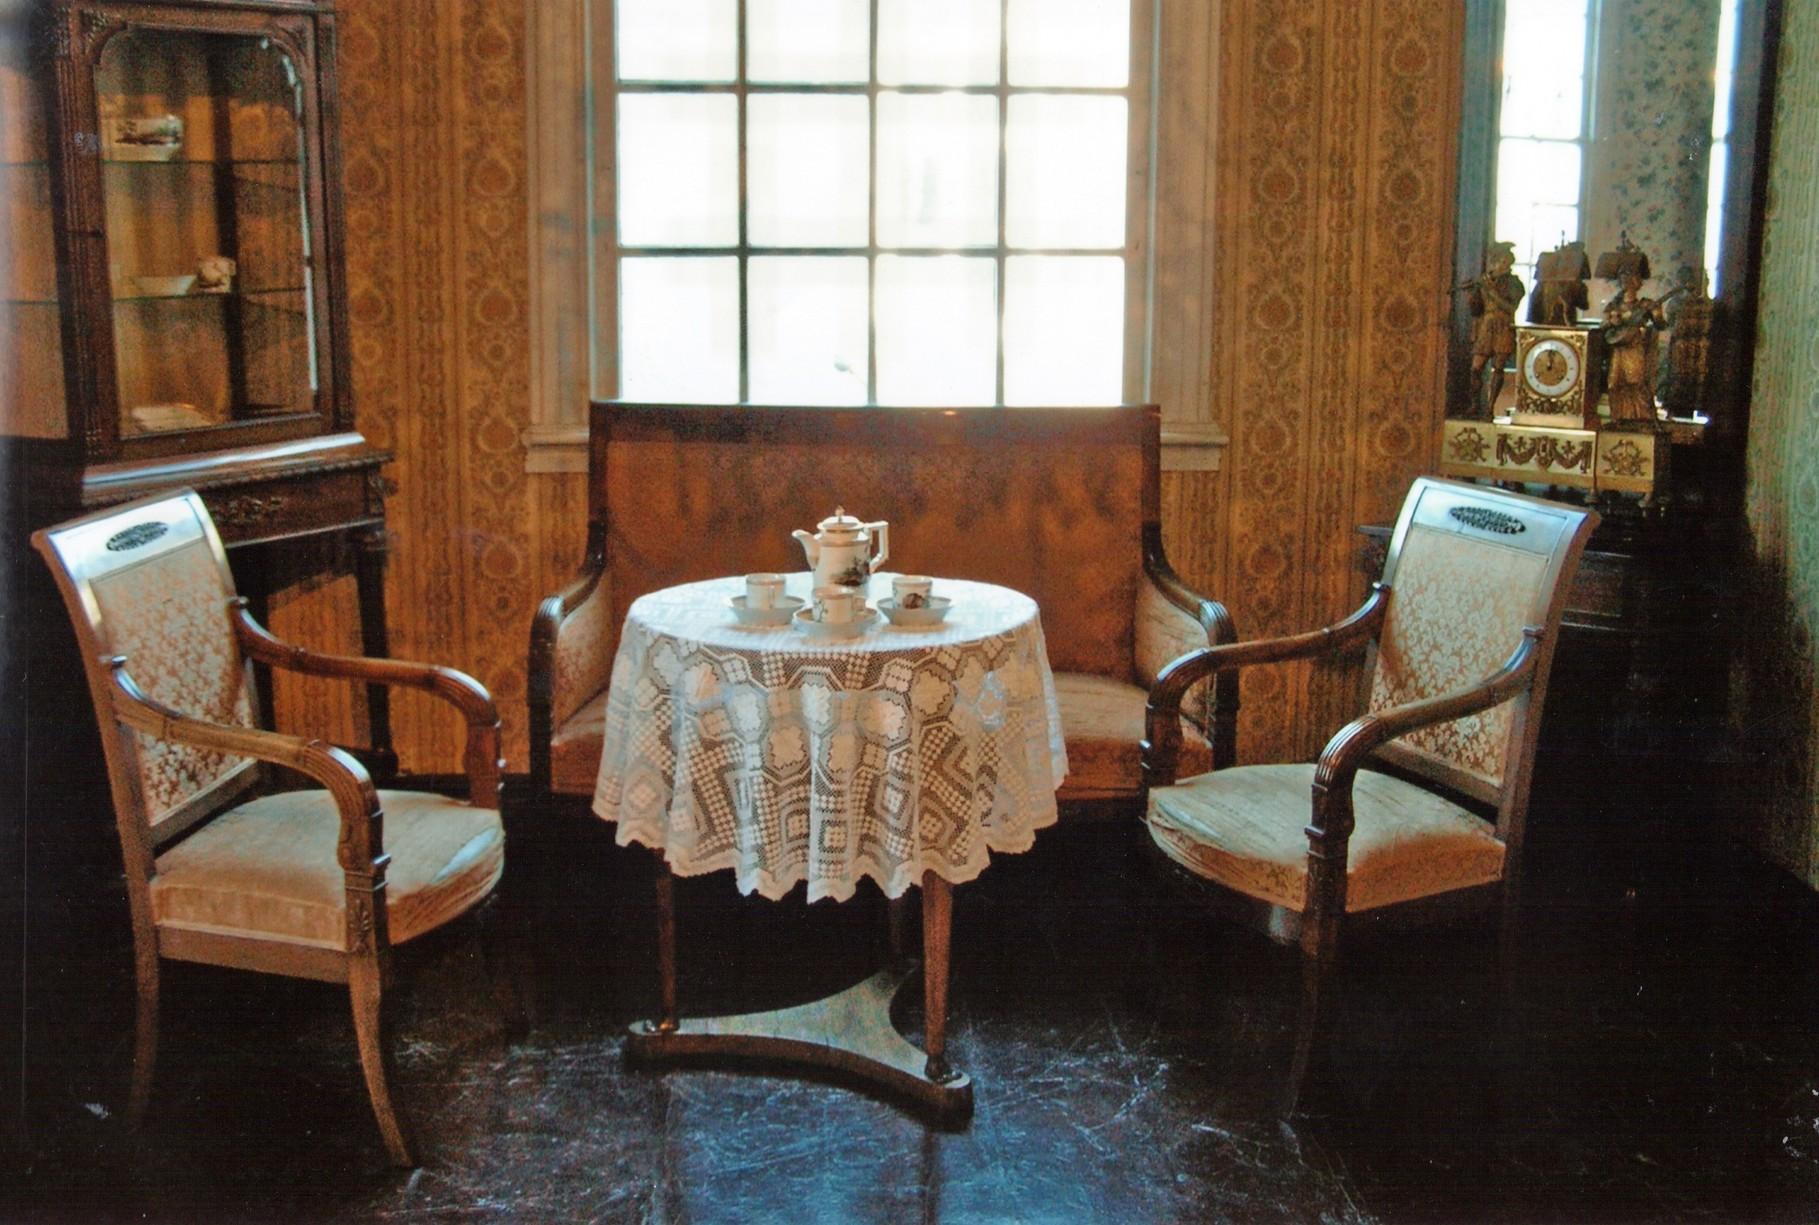 Empire-Zimmer, frühes 19. Jahrhundert